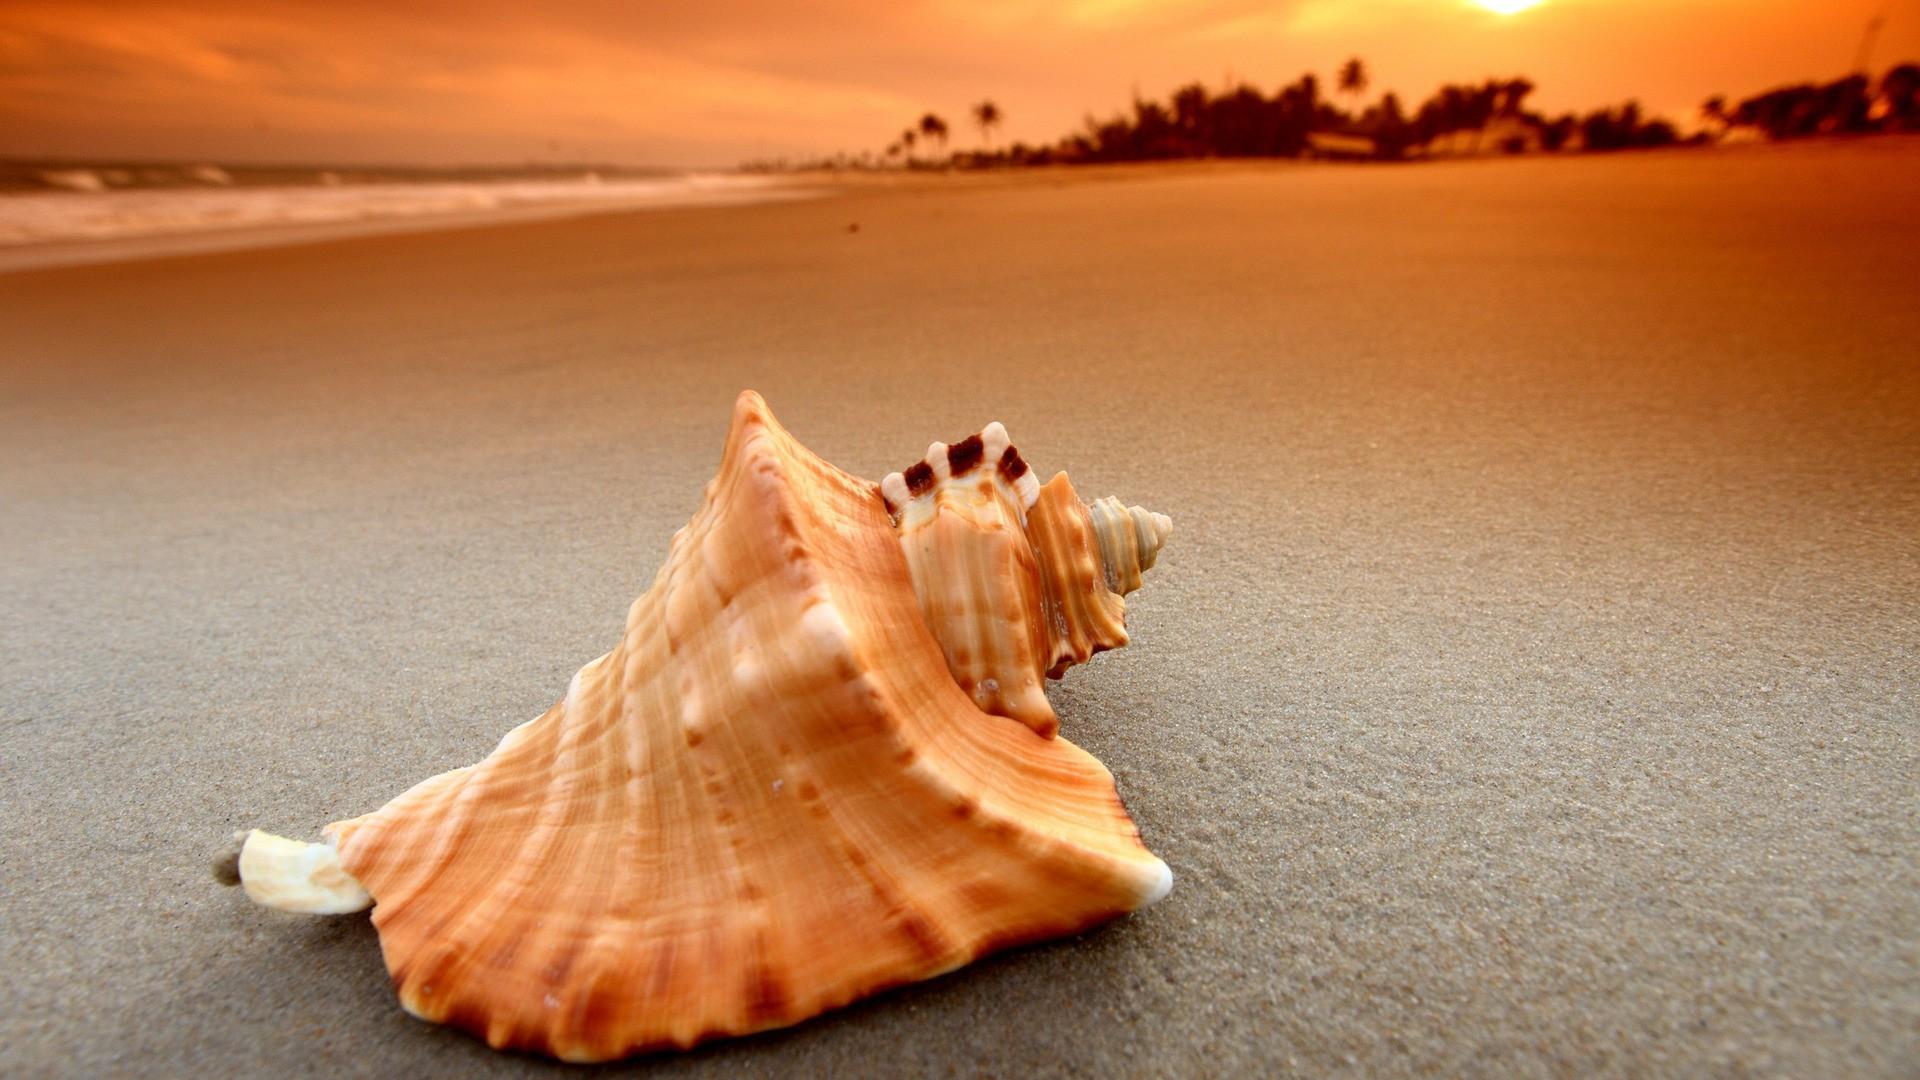 Картинки ракушки на песке